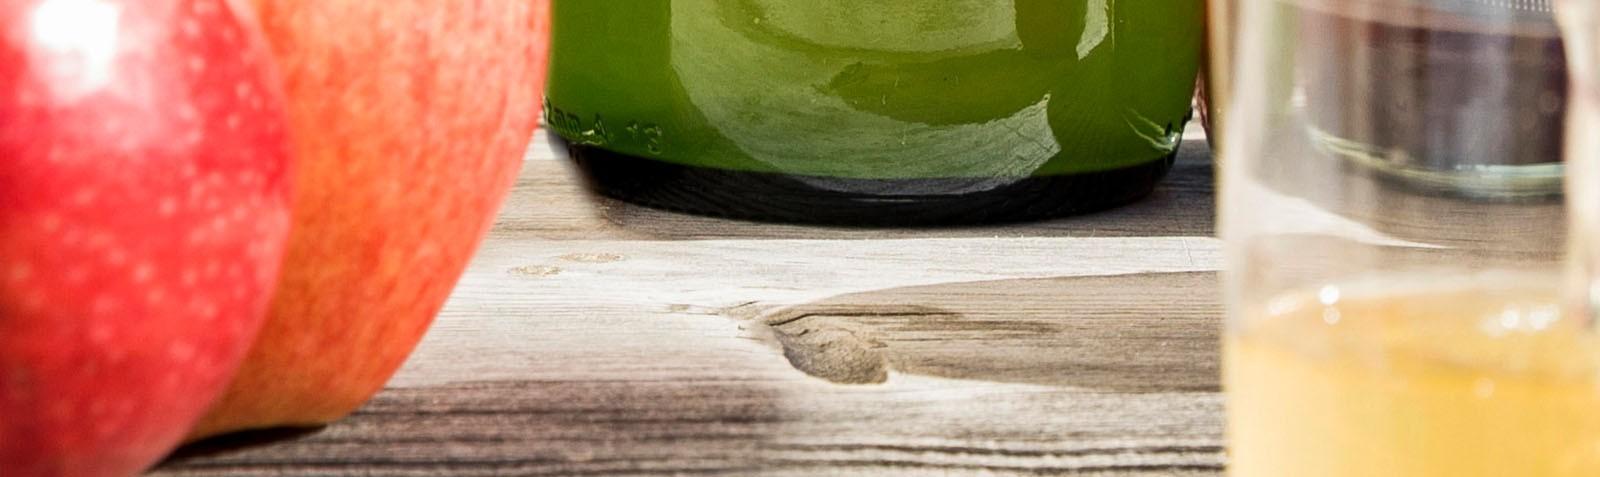 Apfel- und Fruchtsäfte 100 % natürlich: ohne Zucker, mit Südtiroler Äpfeln und biologischen Waldfrüchten